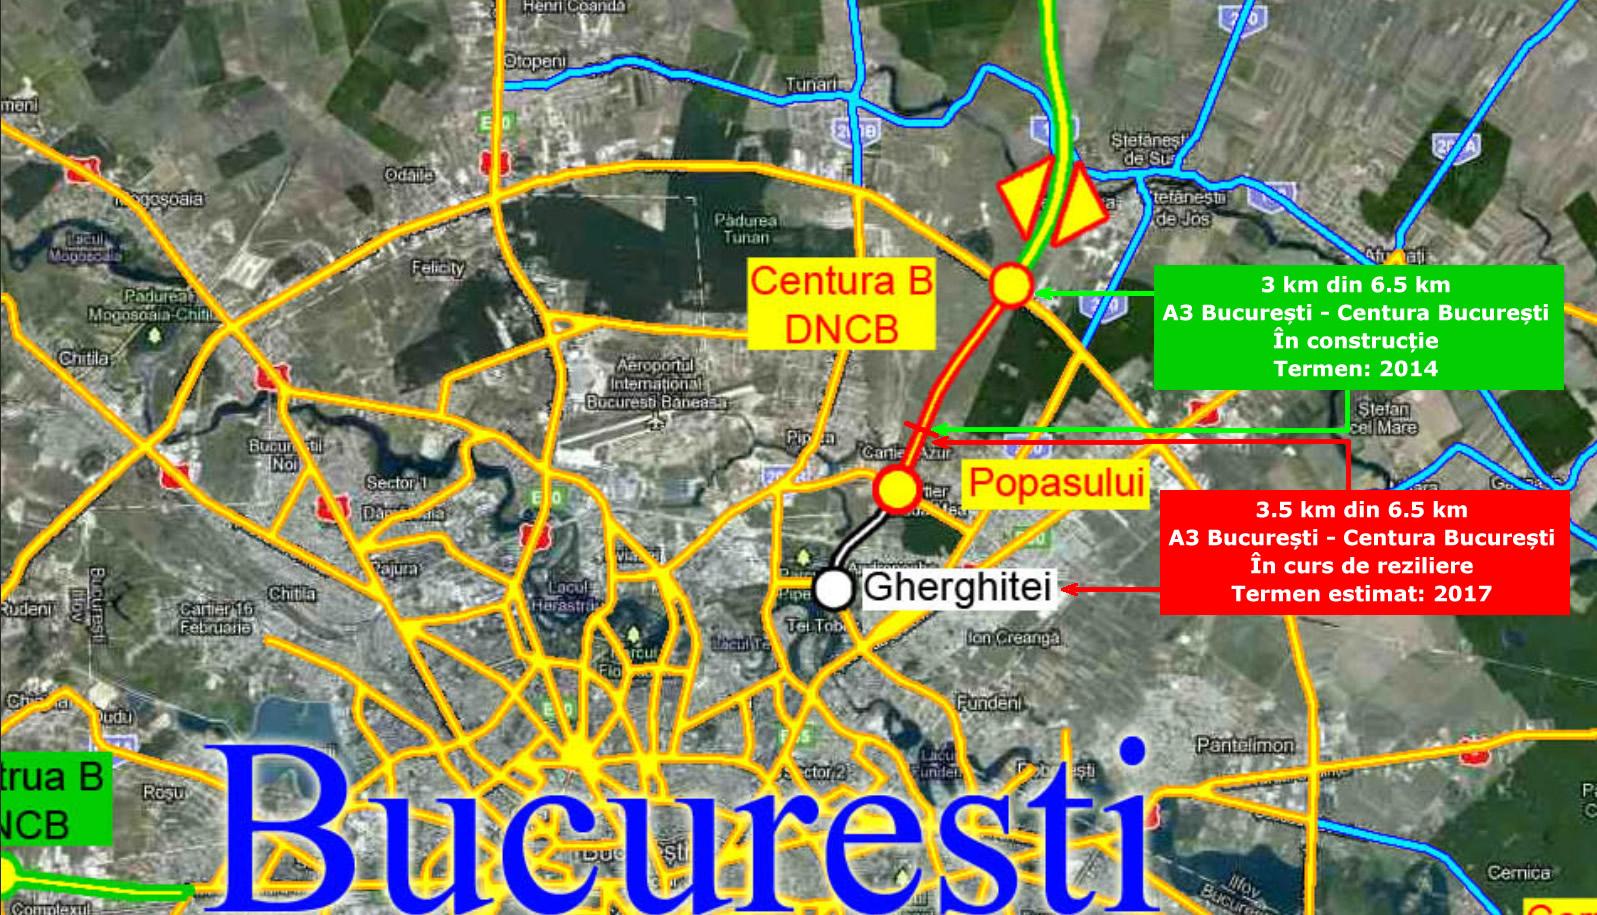 A3 Bucuresti - Centura Bucuresti